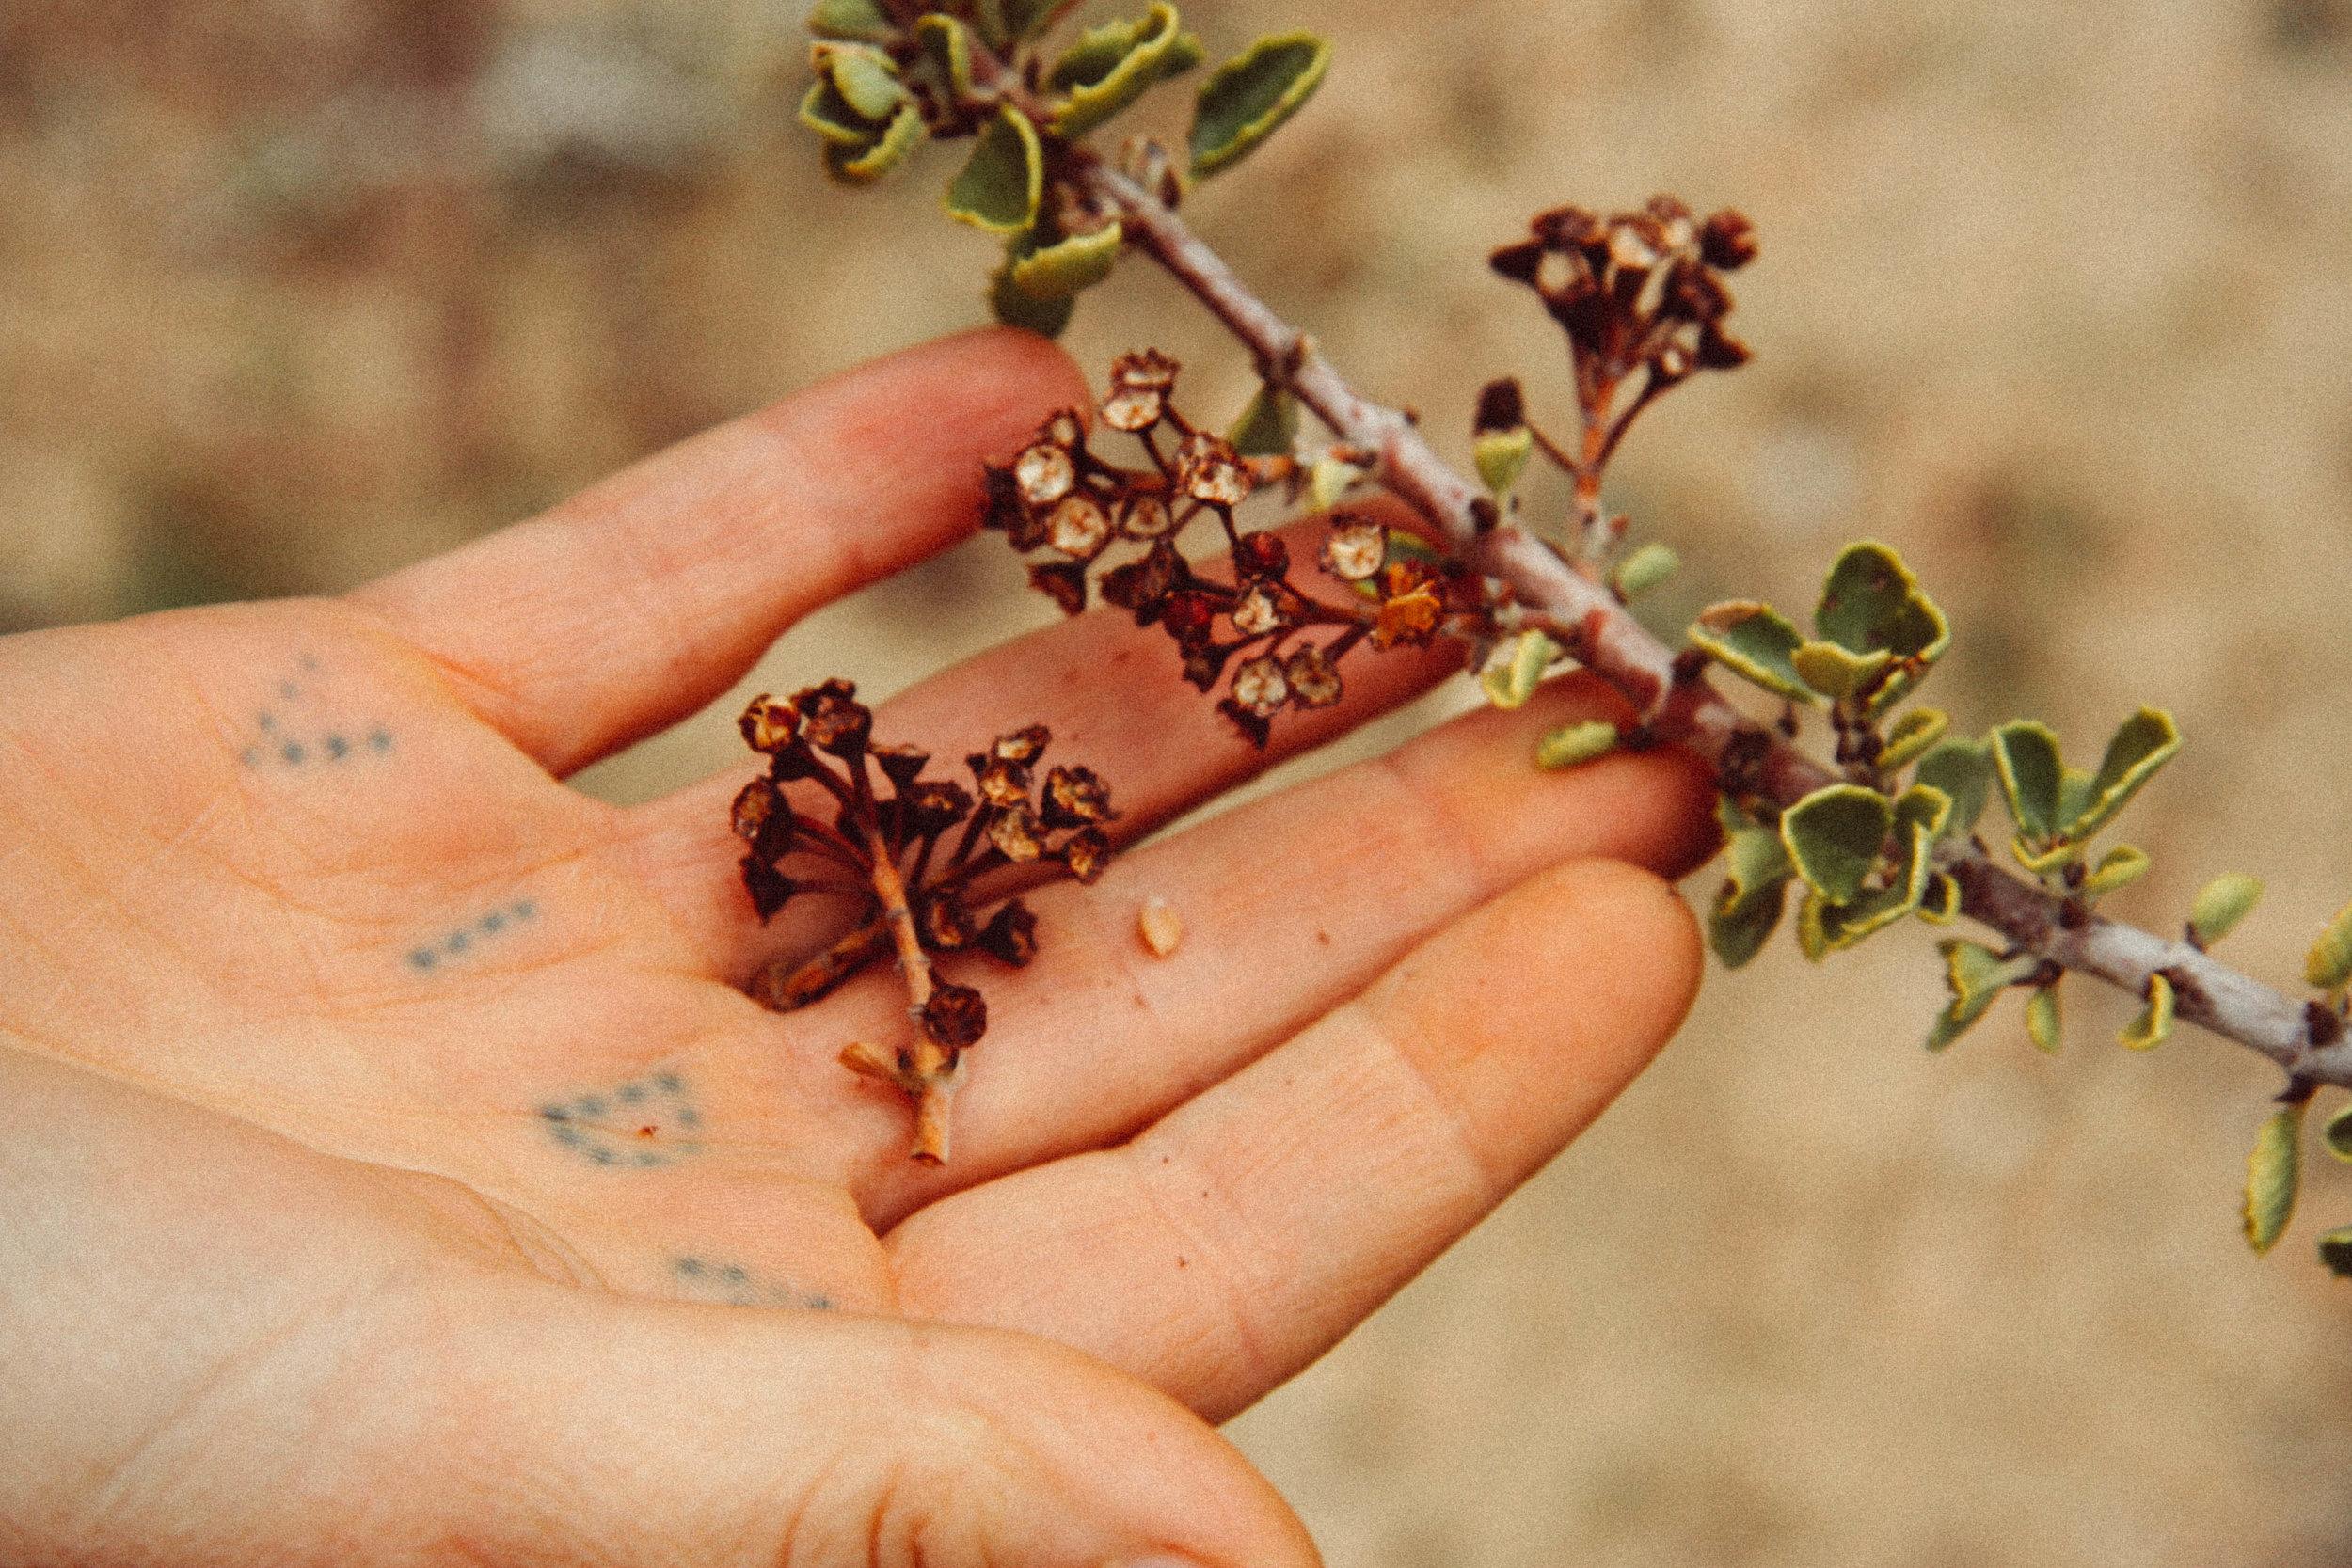 Peri Lee and  Ceanothus greggii,  near Pioneertown, CA